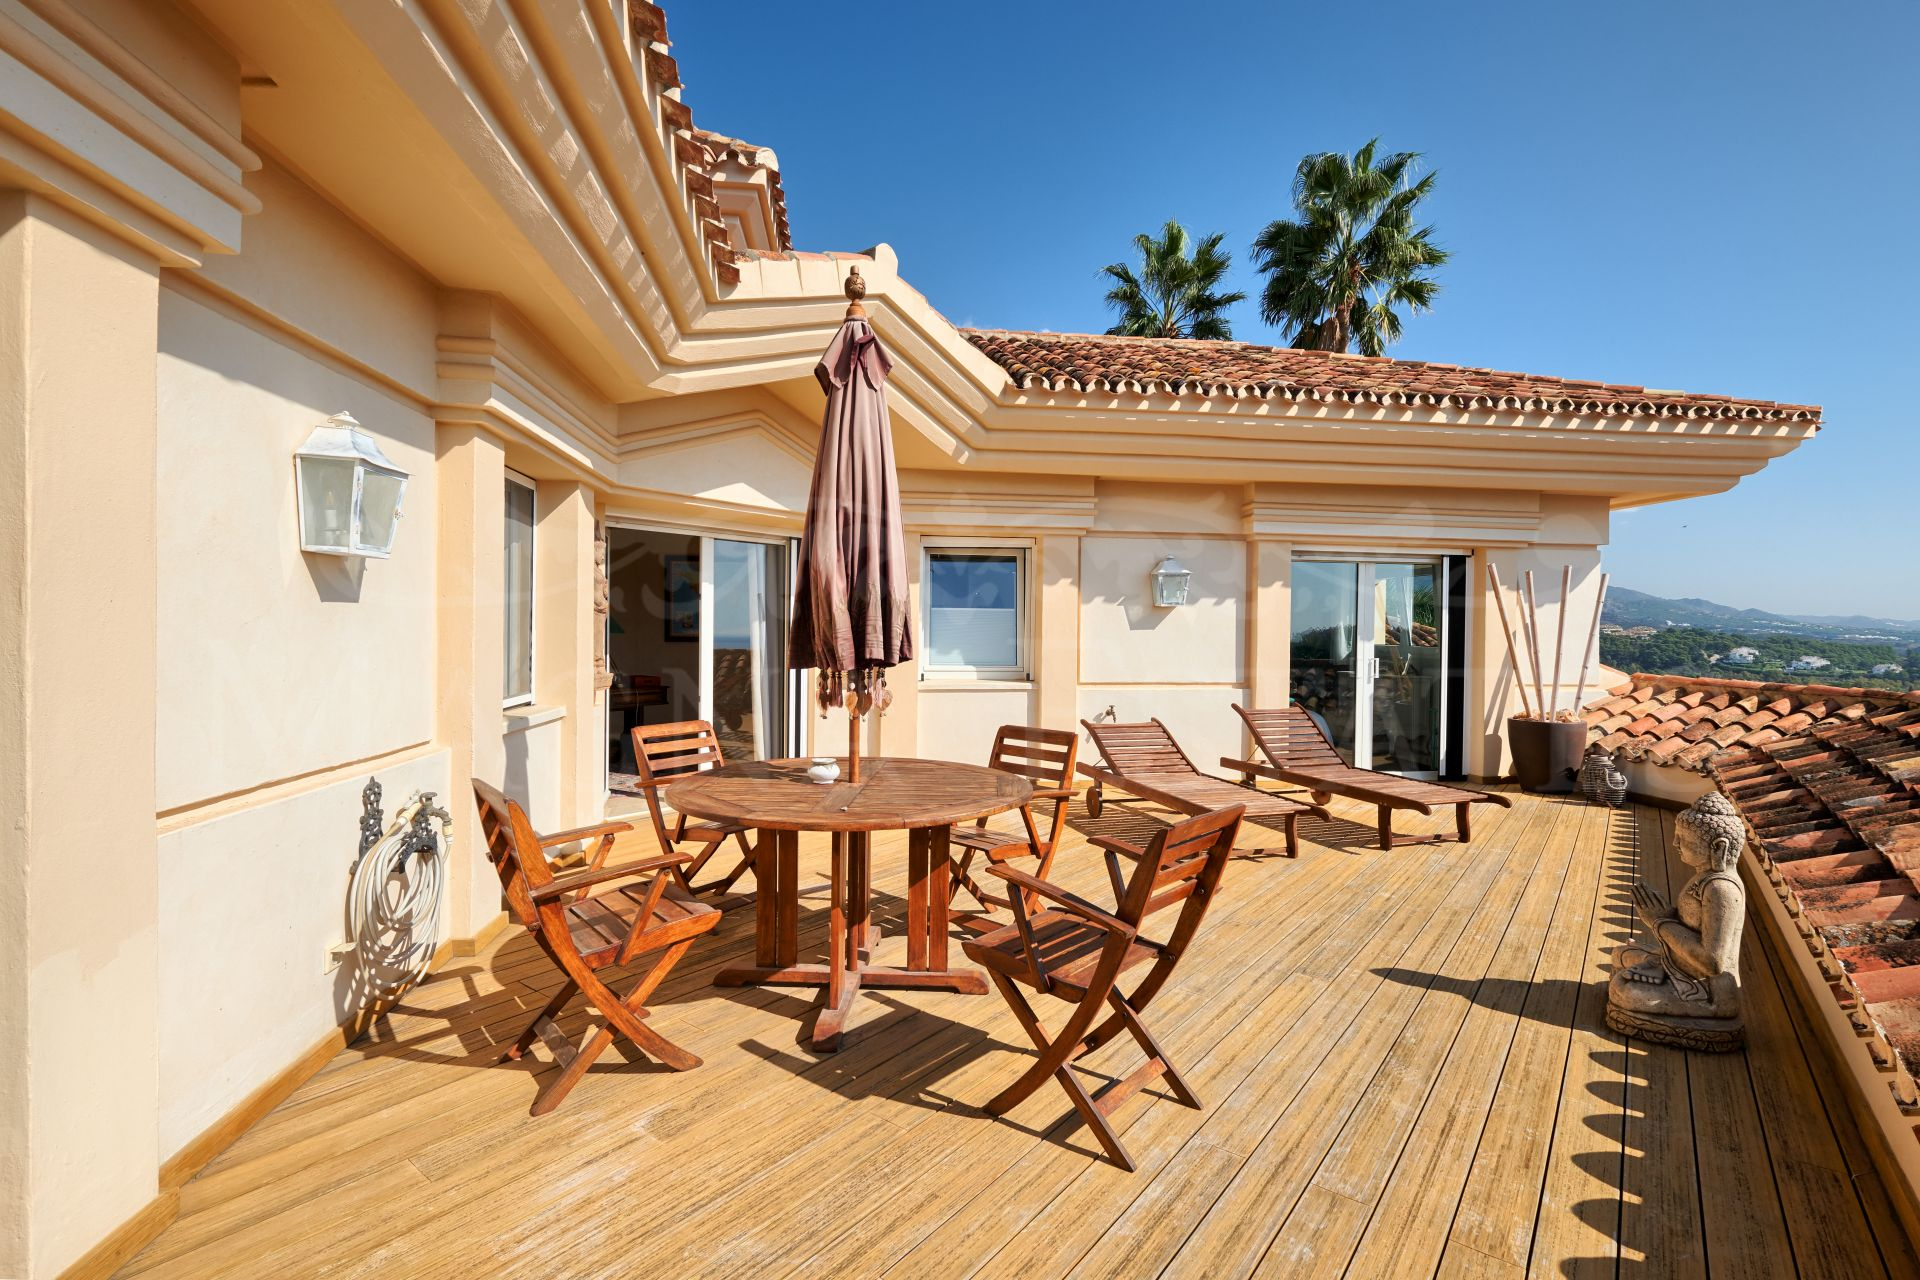 Great classic villa in La Cerquilla, the best area of Nueva Andalucia, Marbella